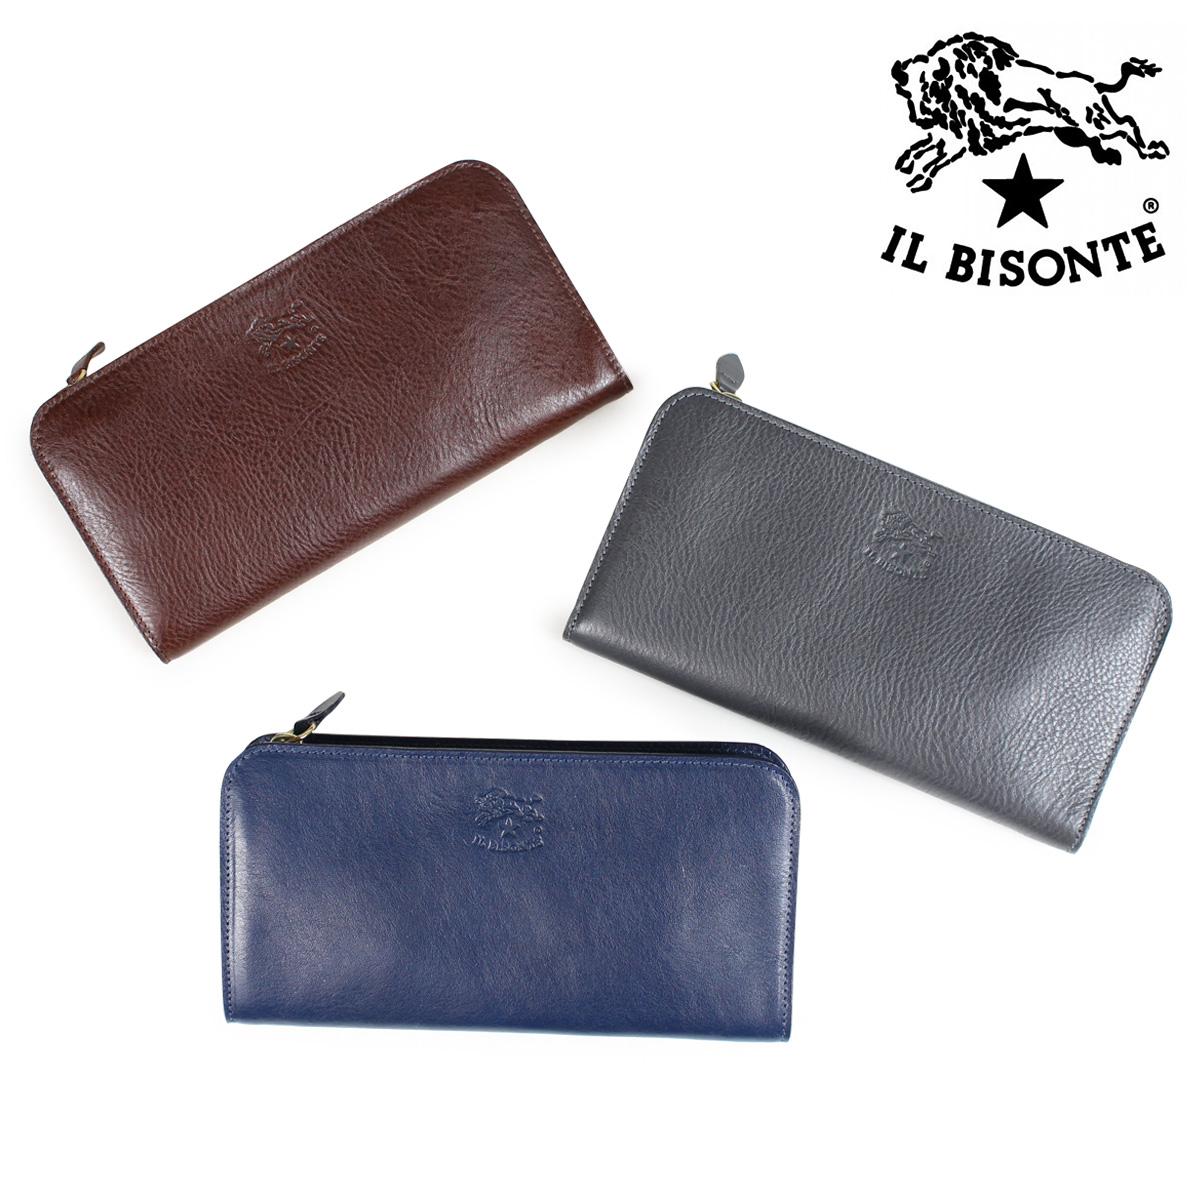 IL BISONTE イルビゾンテ 財布 長財布 メンズ レディース ラウンドファスナー LONG WALLET VACCHETTA グレー ネイビー ダークブラウン C0909 P